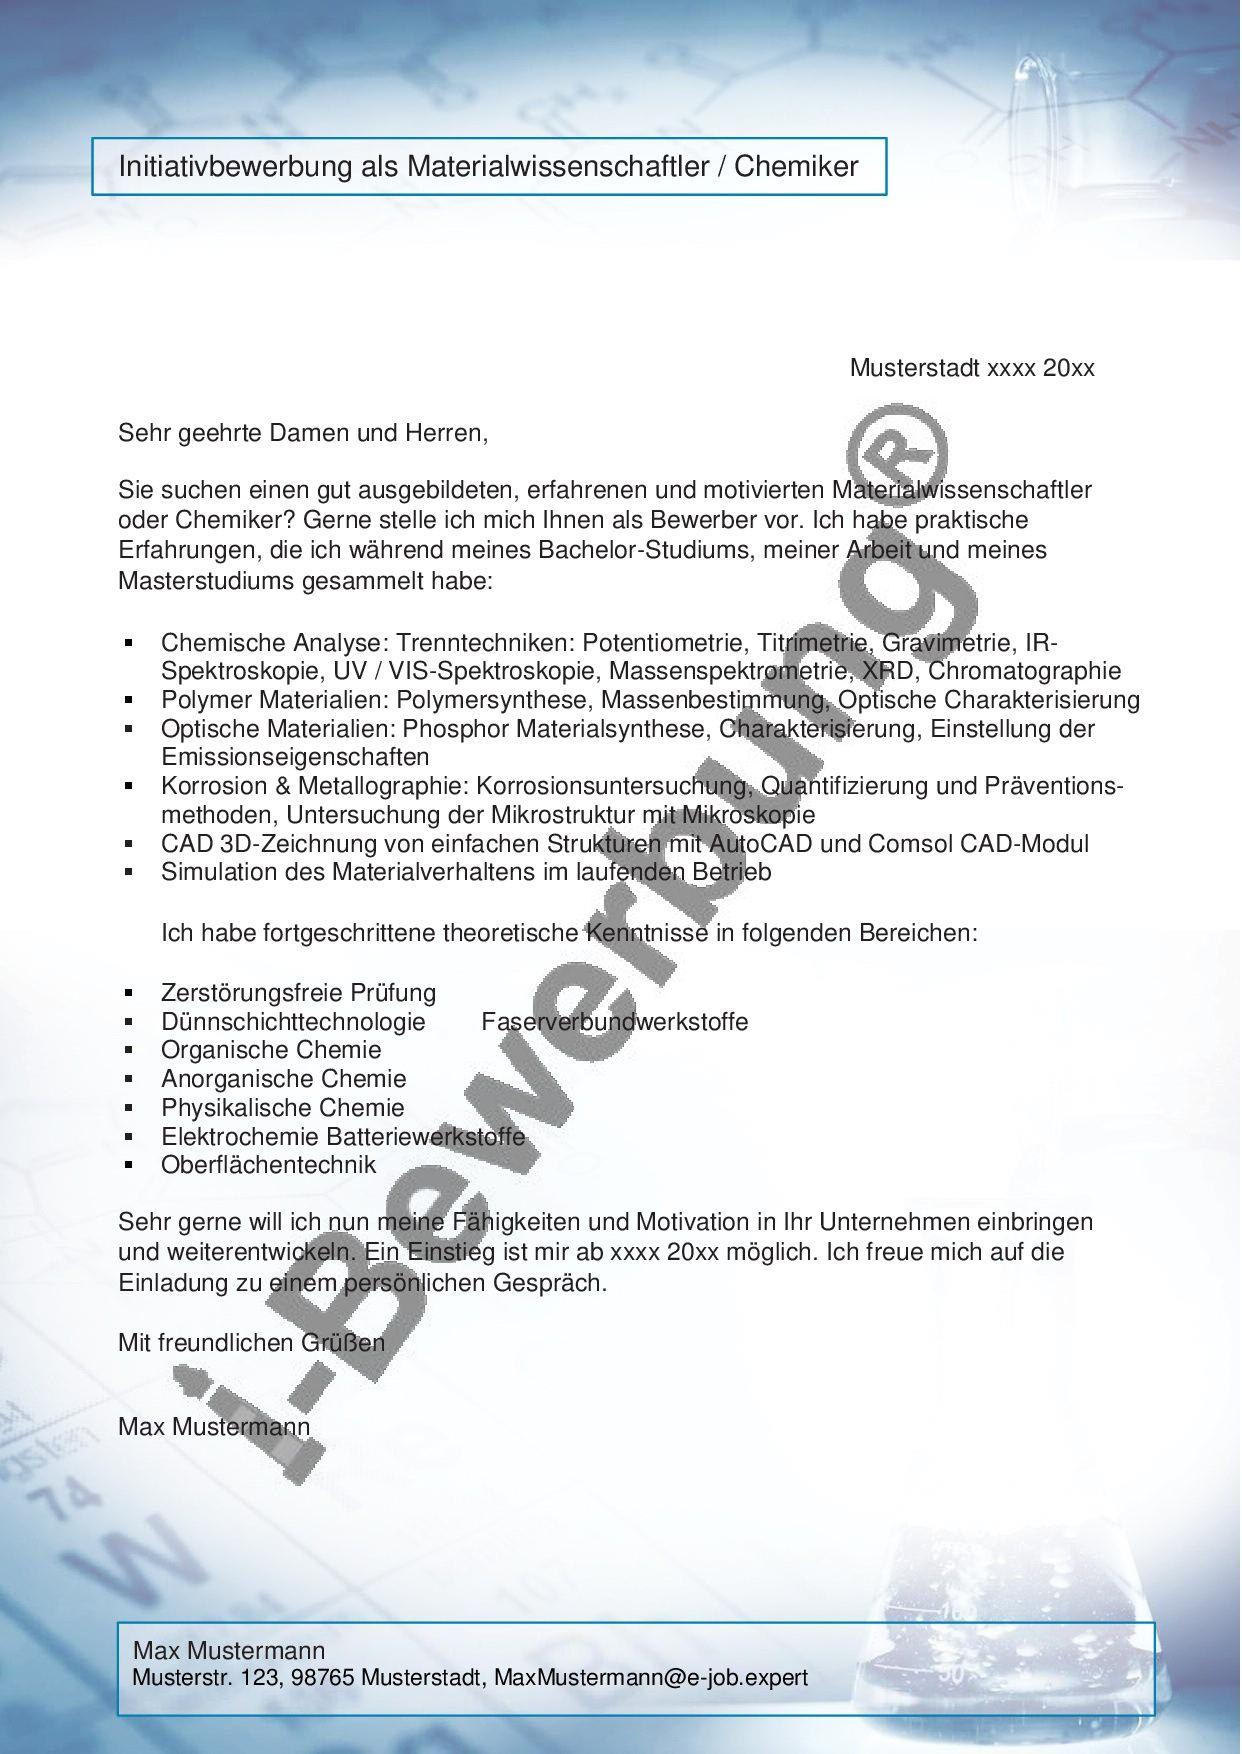 Enchanting IR Spektroskopie Arbeitsblatt Mold - Mathe Arbeitsblatt ...